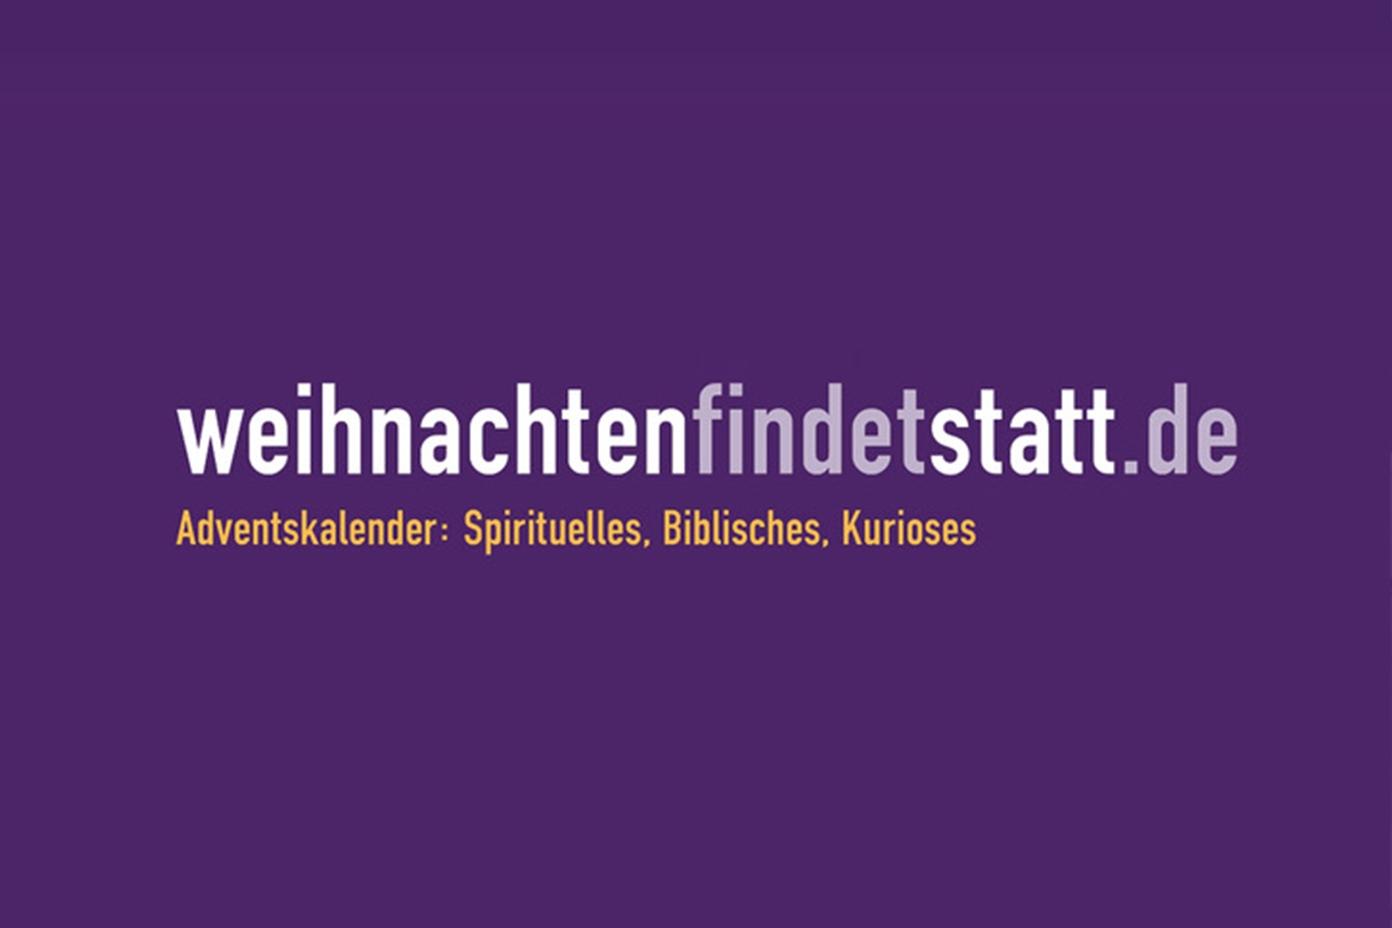 Logo WeihnachtenFindetStatt.de